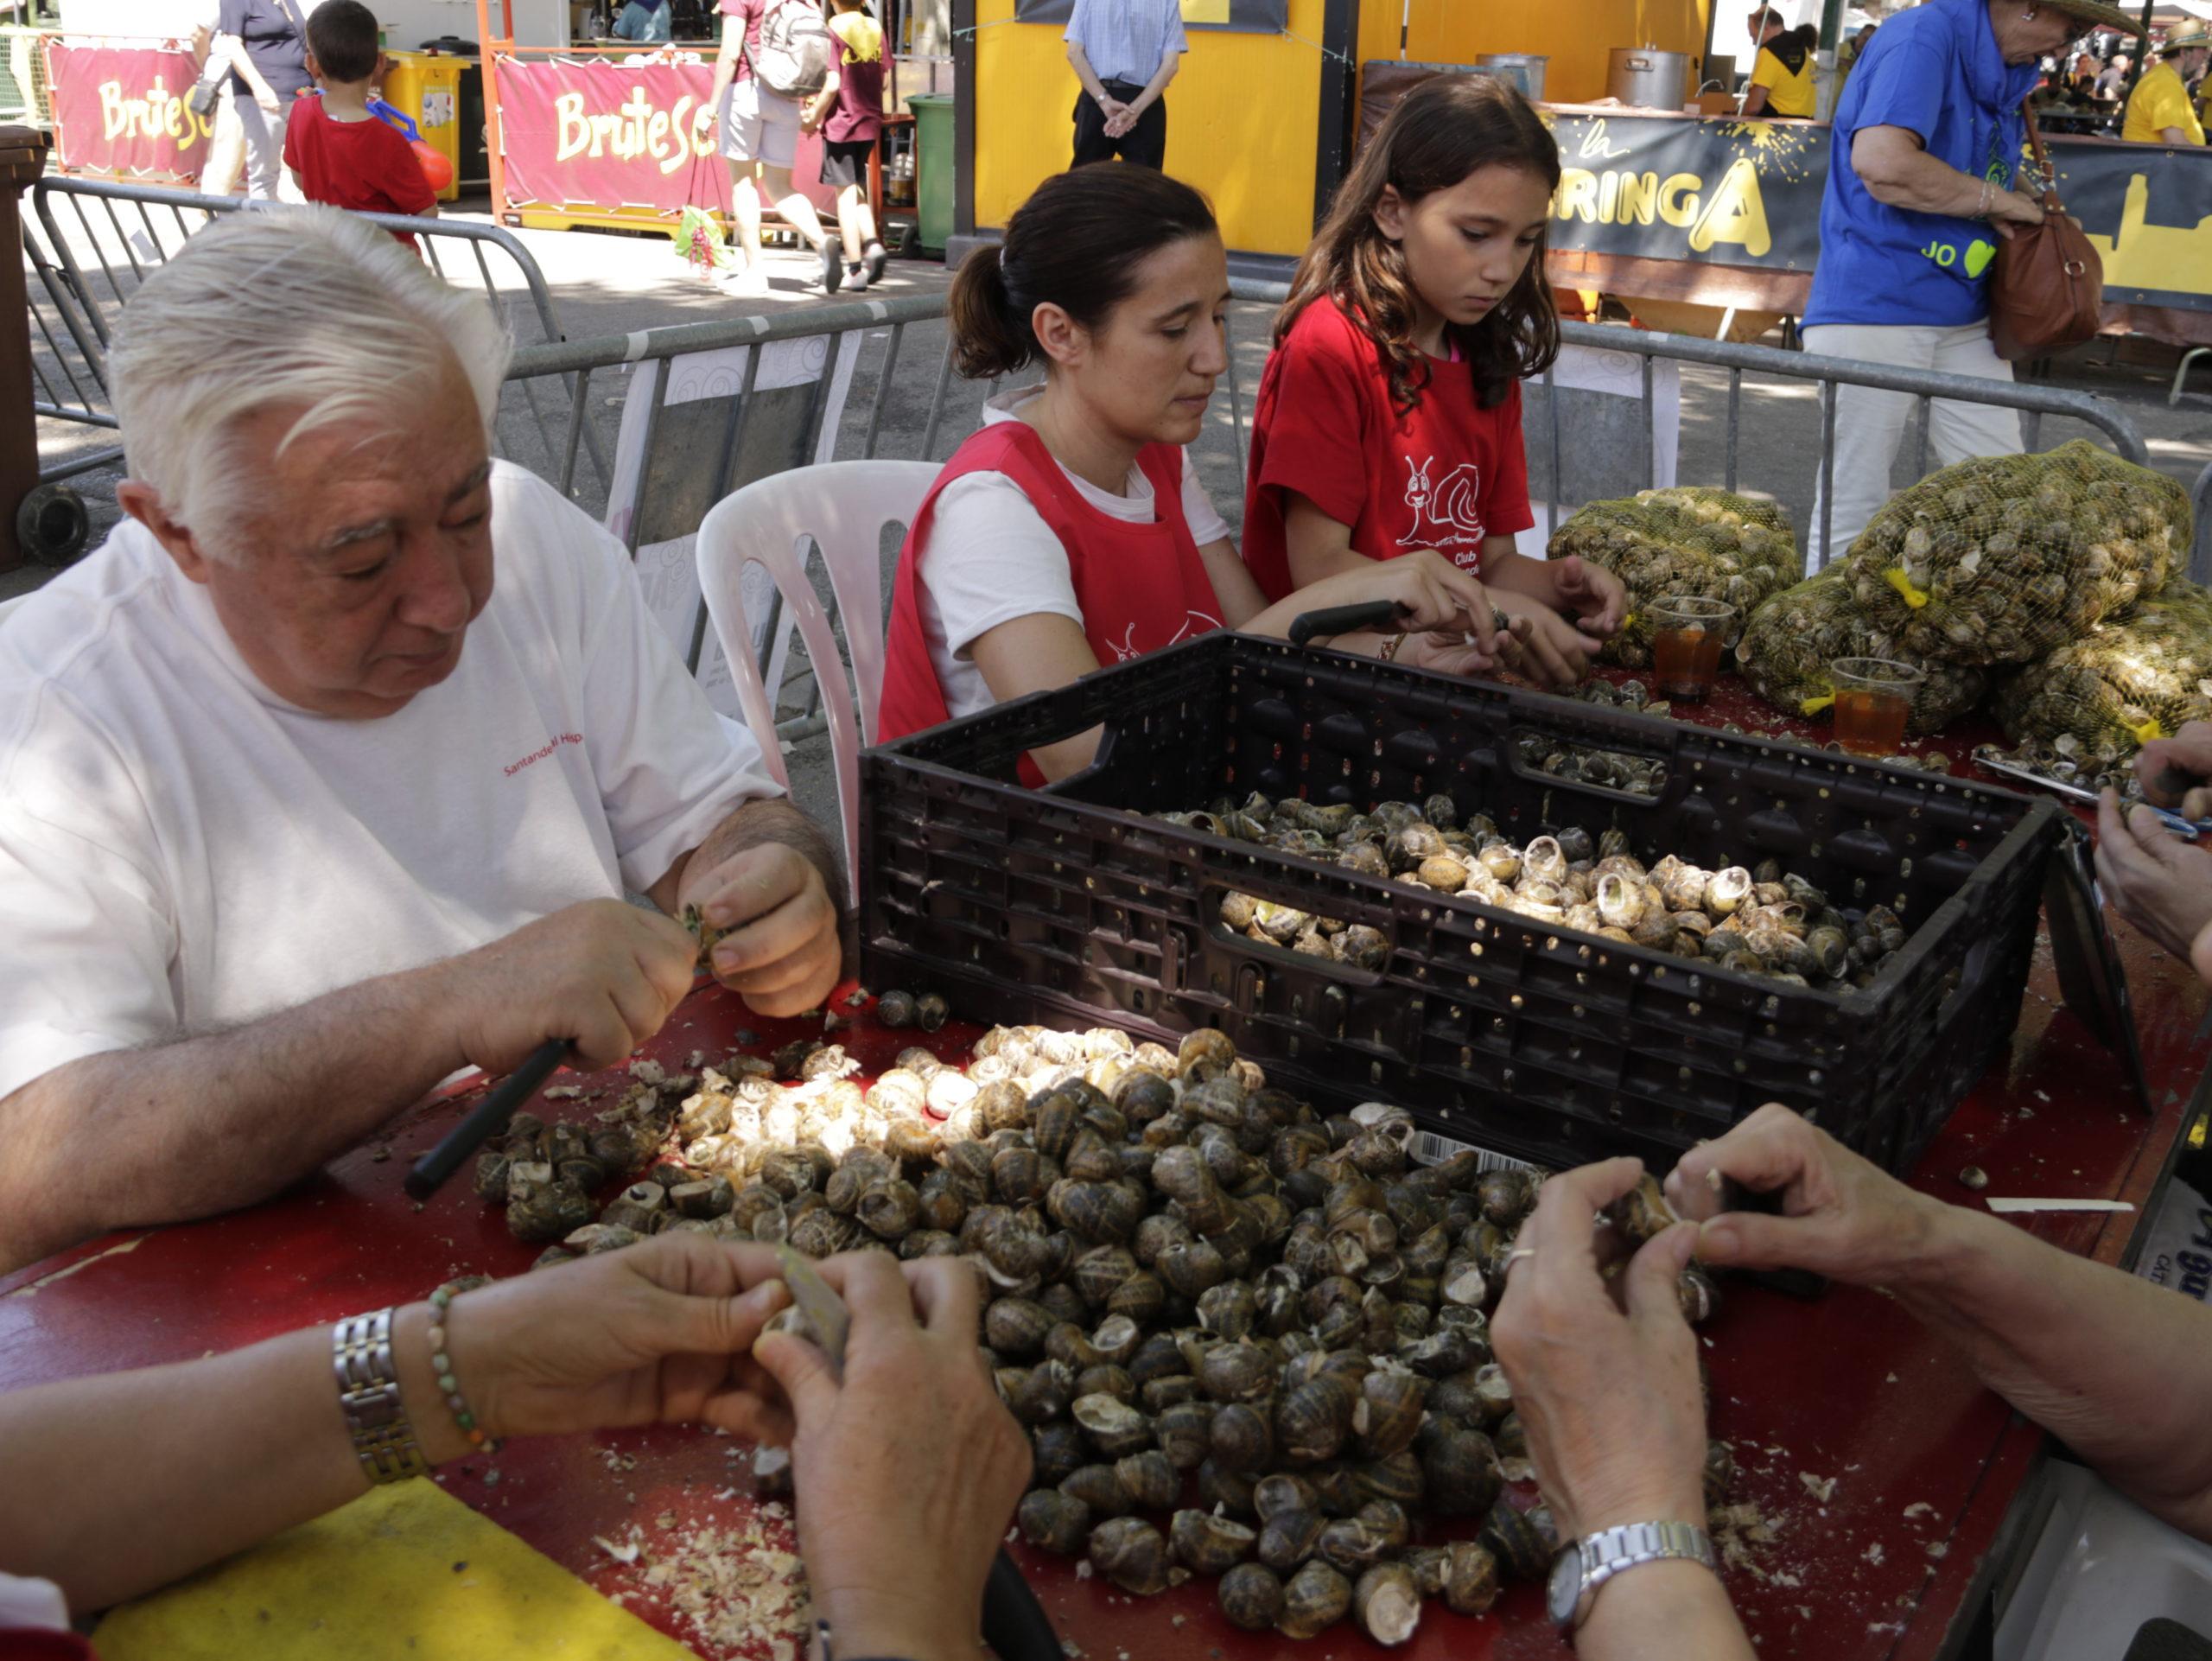 Els membres d'una de les colles de l'Aplec del Caragol de Lleida triant i netejant caragols per dinar | ACN